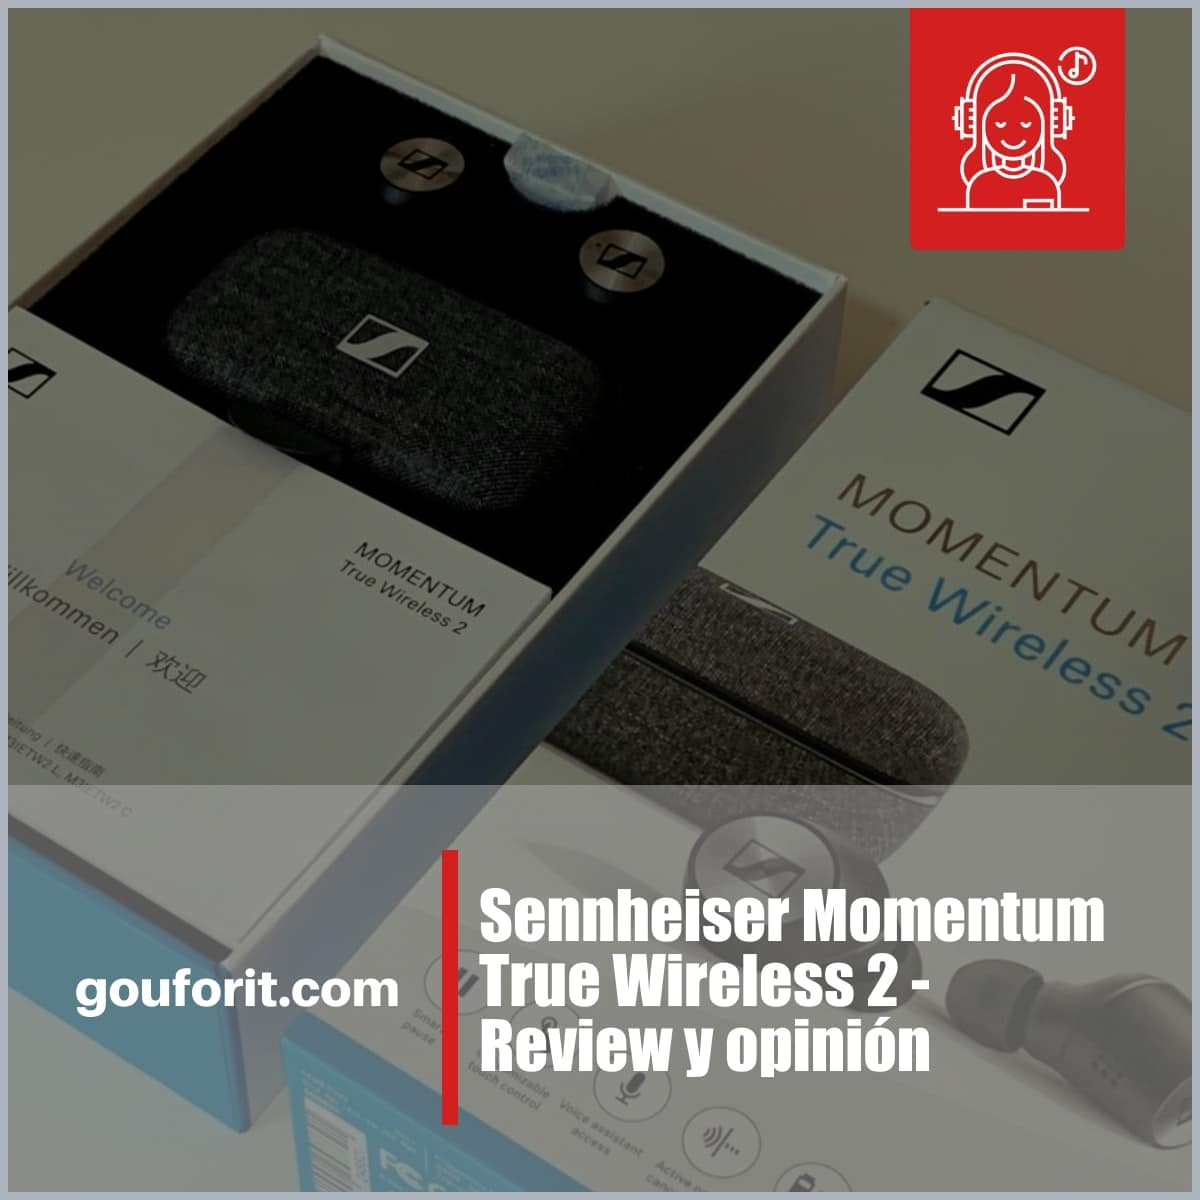 Sennheiser Momentum True Wireless 2 - Review y opinión